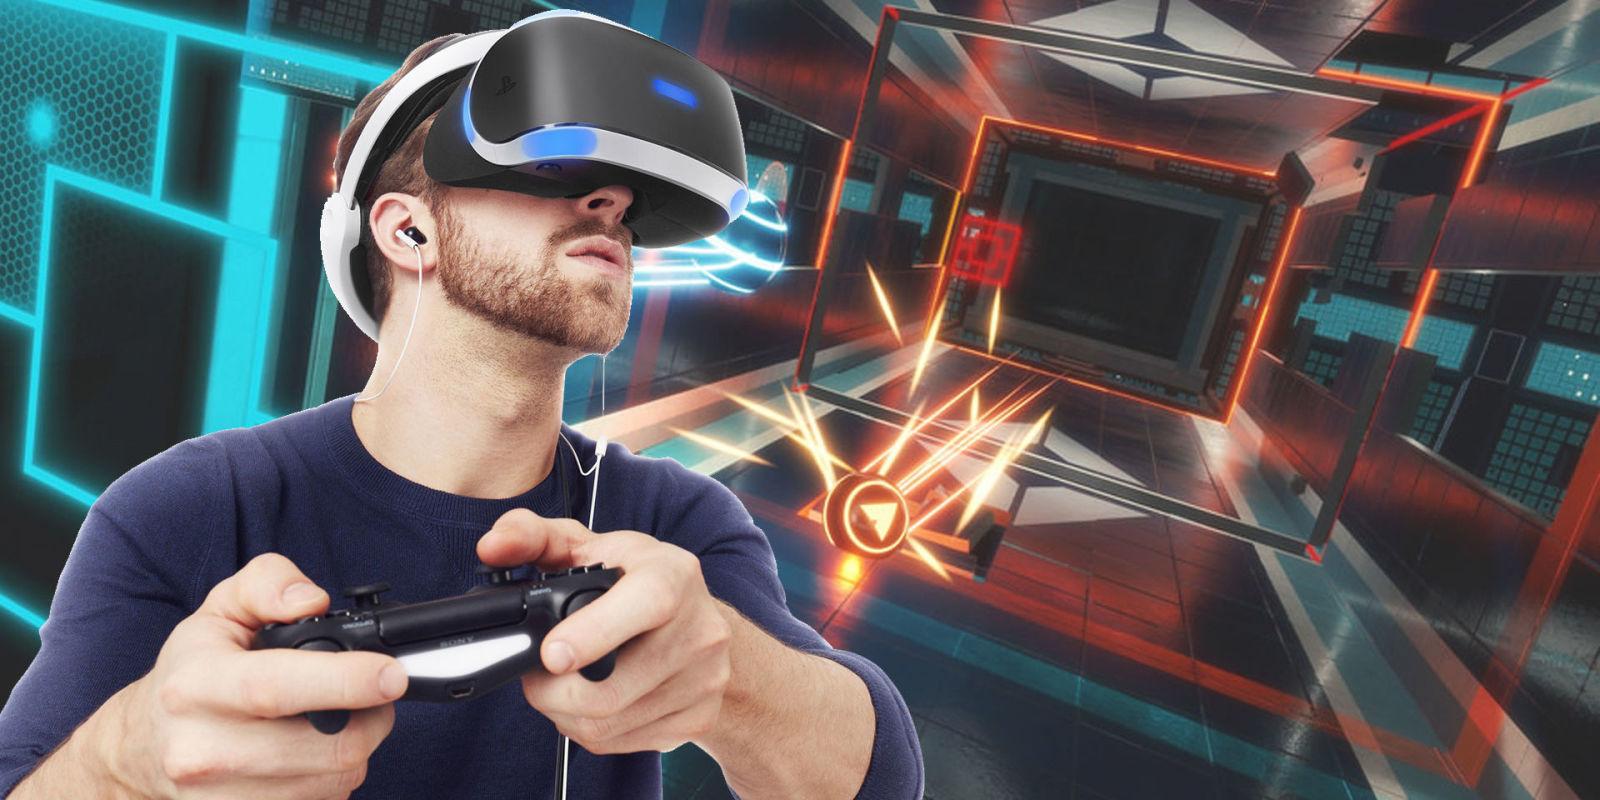 Realtà virtuale: il futuro del gaming?